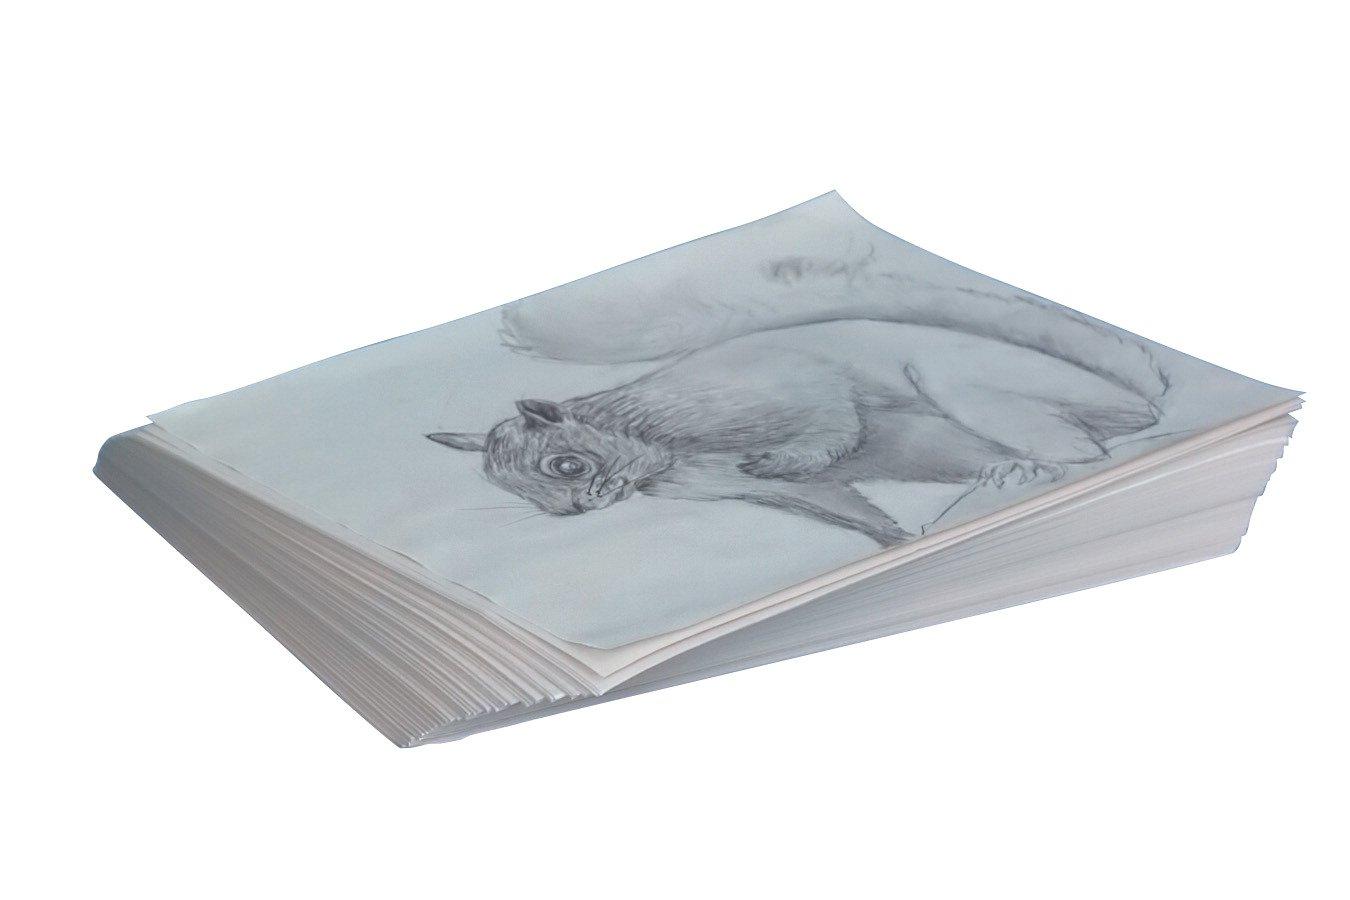 School Specialty Newsprint Paper, 50 lb, 24 X 36 in